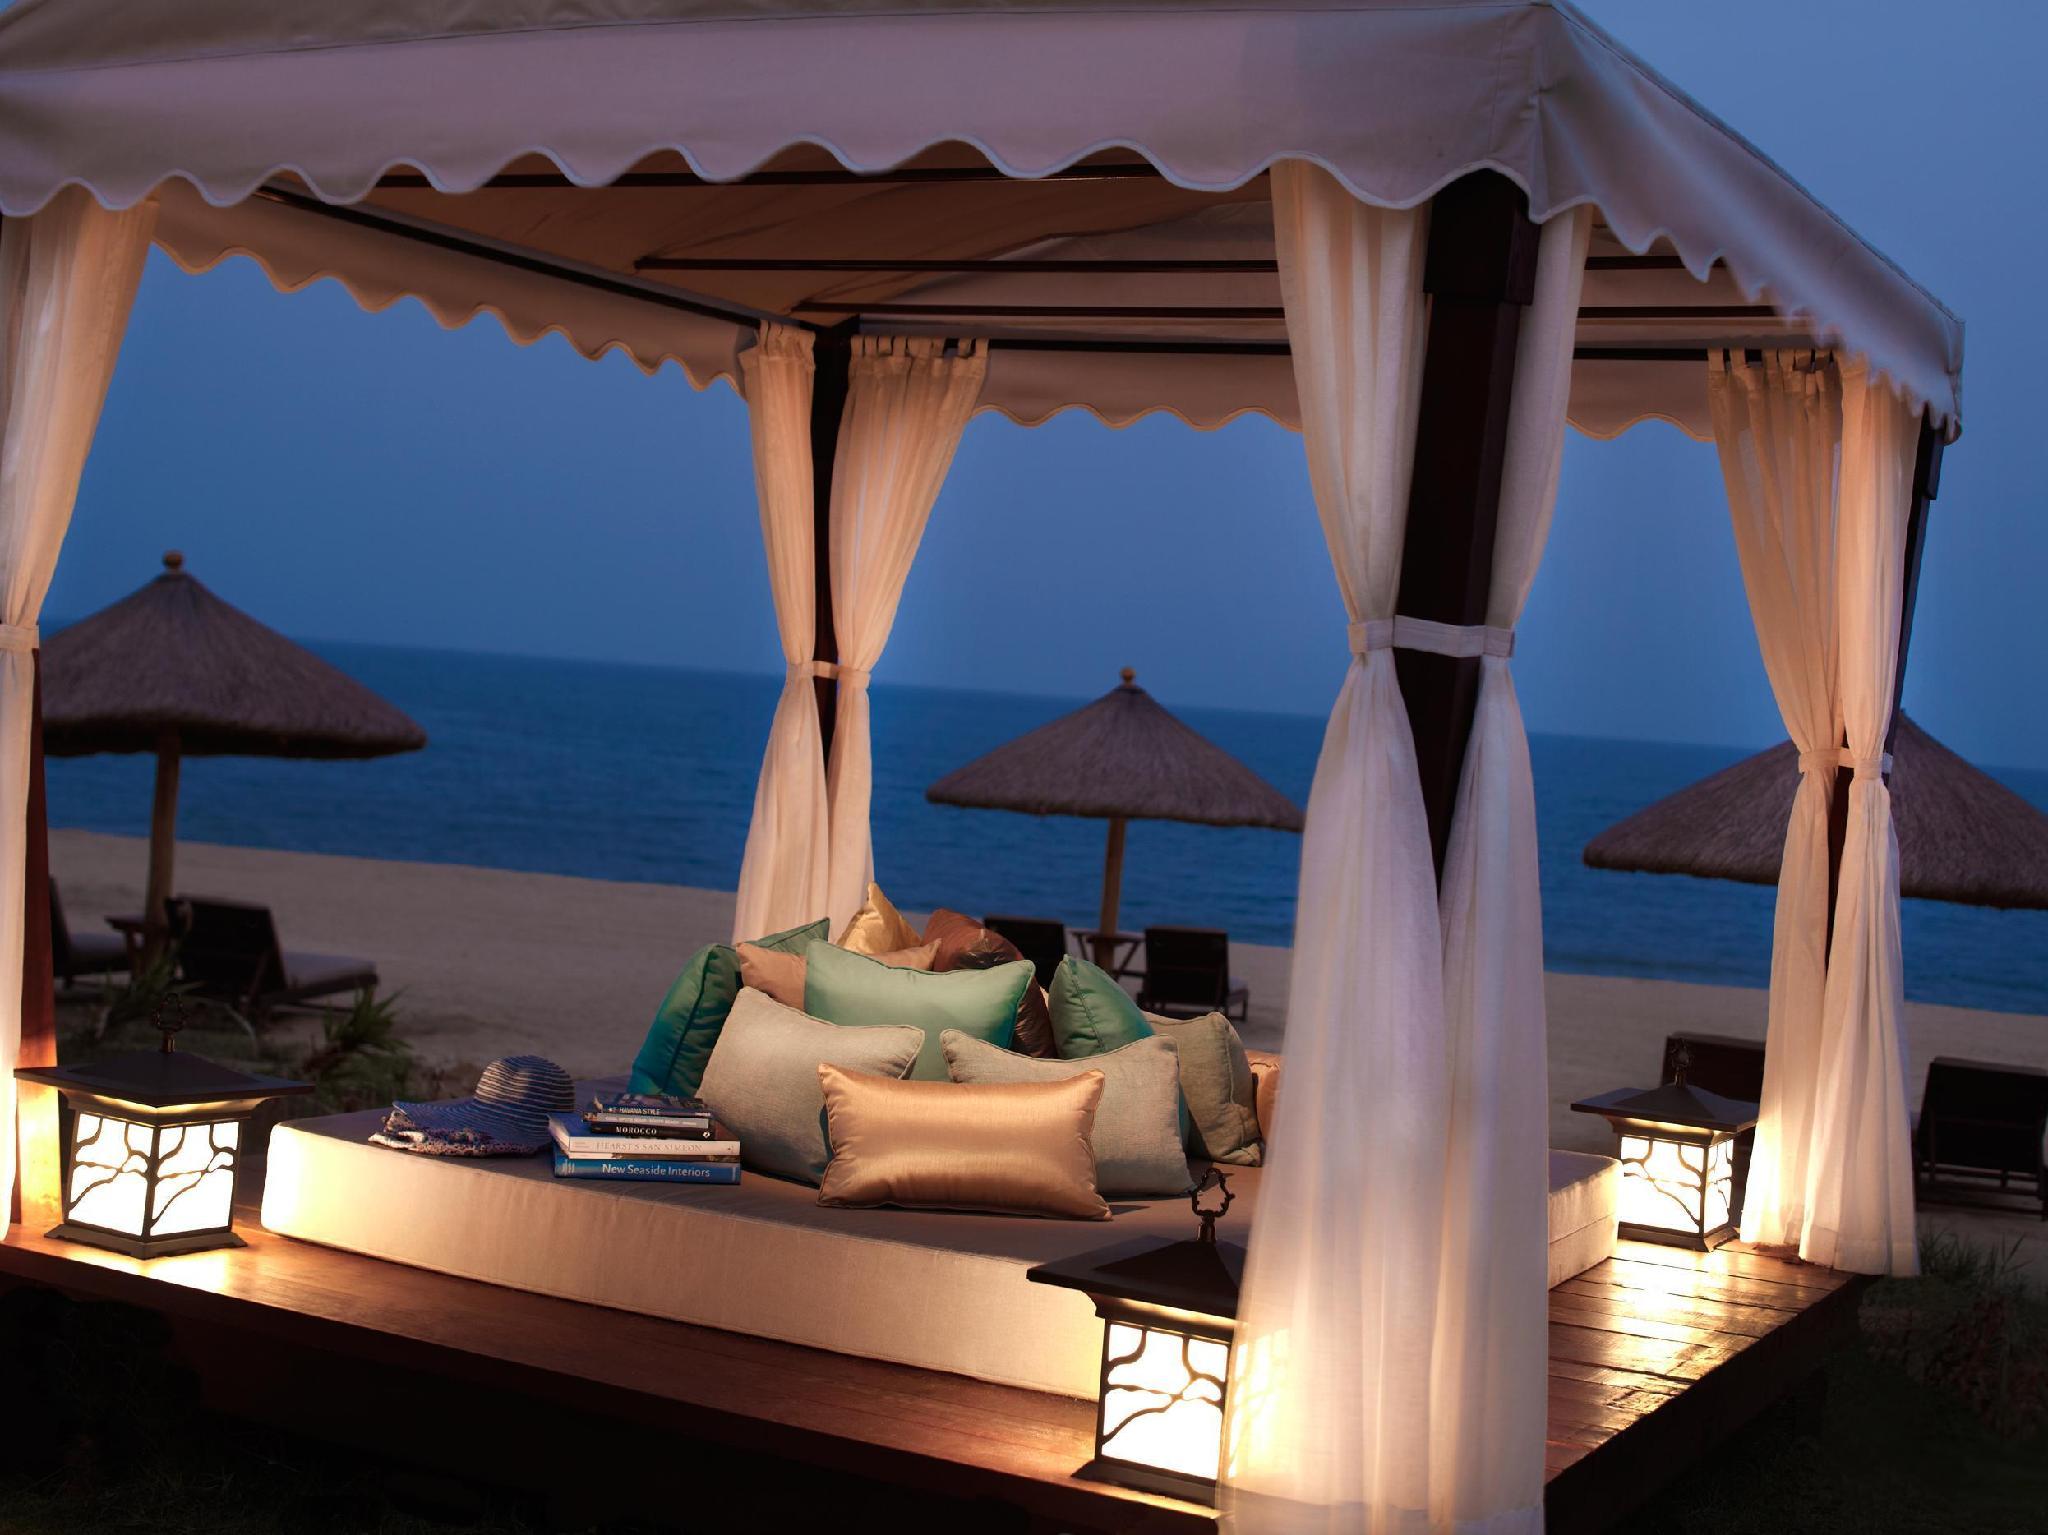 三亞三亞萬麗度假酒店-萬豪豪華酒店 (Renaissance Sanya Resort & Spa) - Agoda 網上最低價格保證。即時訂房服務